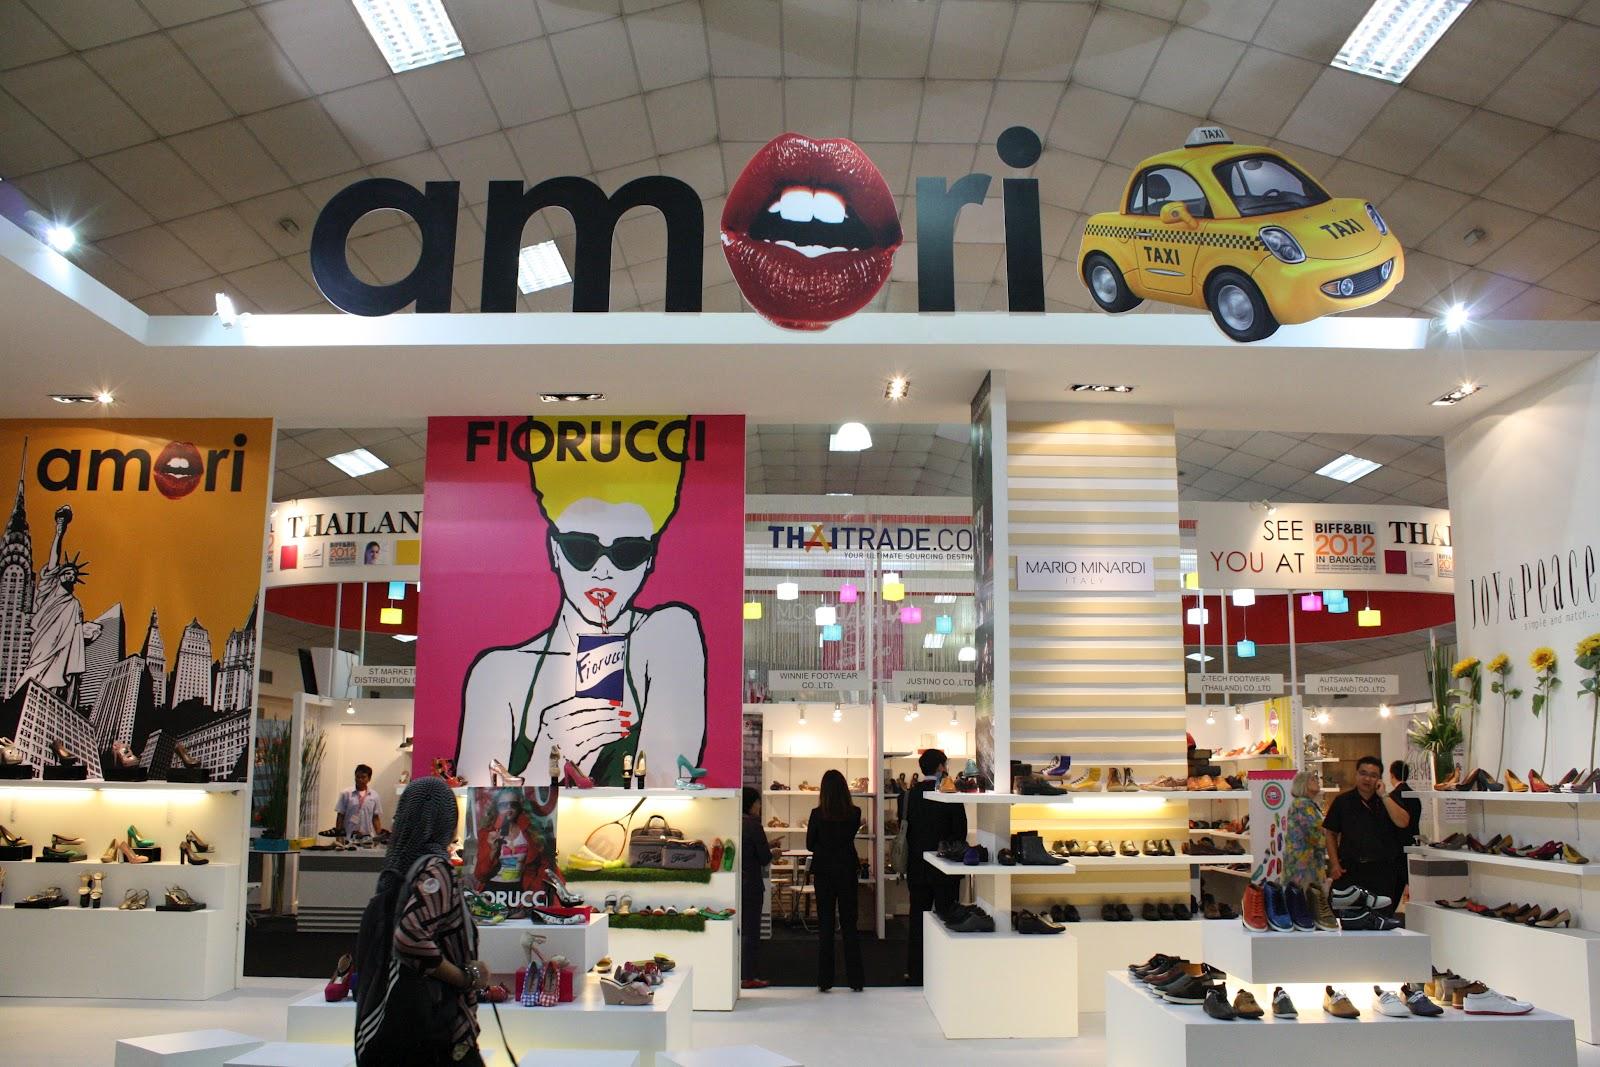 Amori Shoes 3 2012